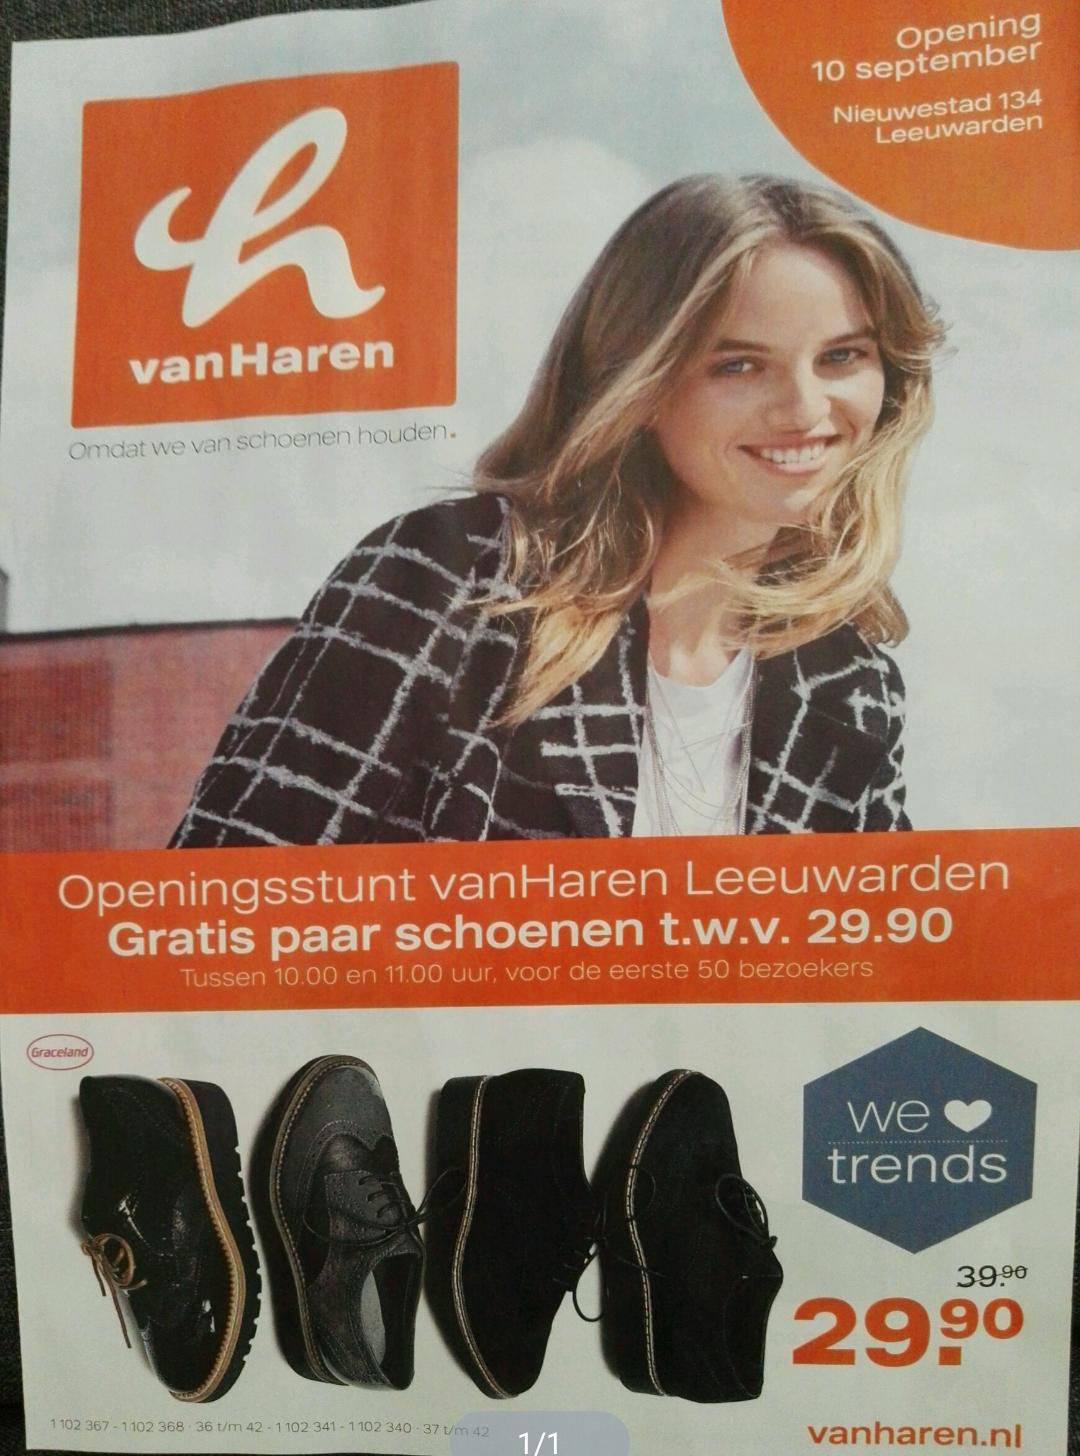 Vanaf zaterdag gratis paar schoenen t.w.v. €29,90 (50 klanten) @ vanHaren Leeuwarden